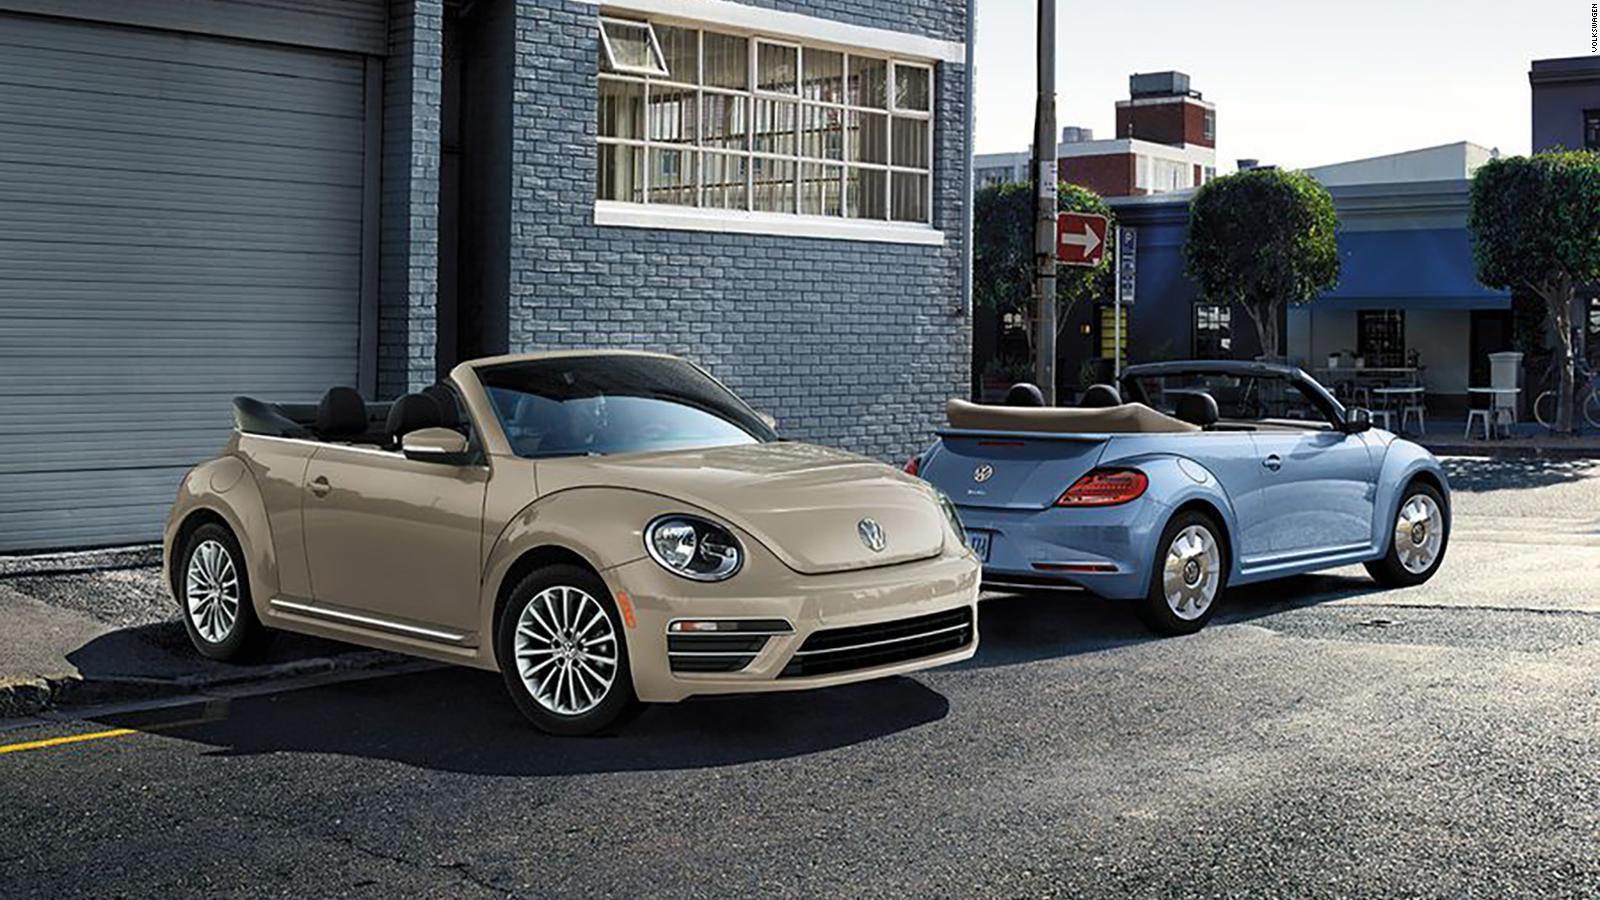 Volkswagen Hit With 926 Million Fine Over Audi Diesel Emission Cheating Cnn